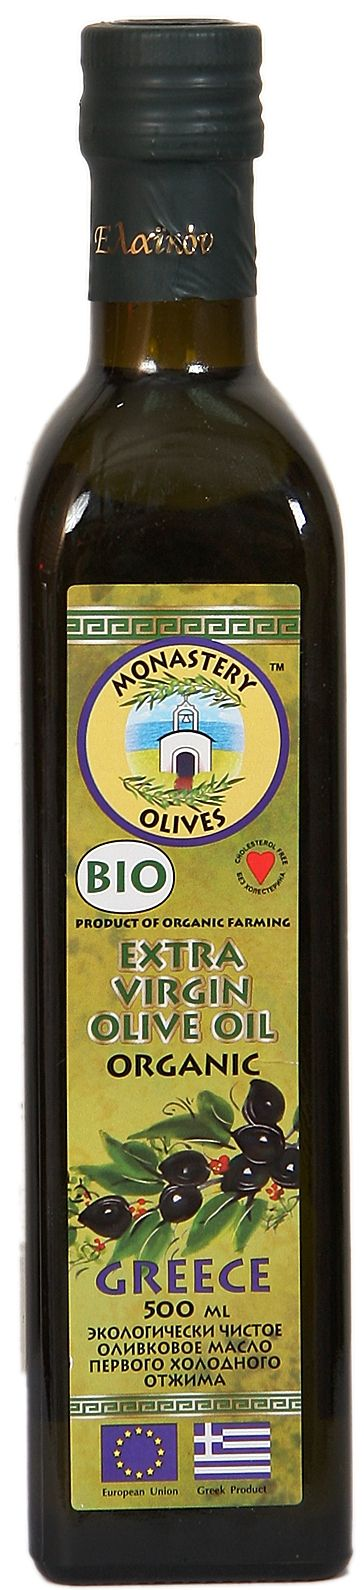 Оливковое масло БИО, Extra Virgin, 0,5л первый холодный отжим, Монастырские оливы